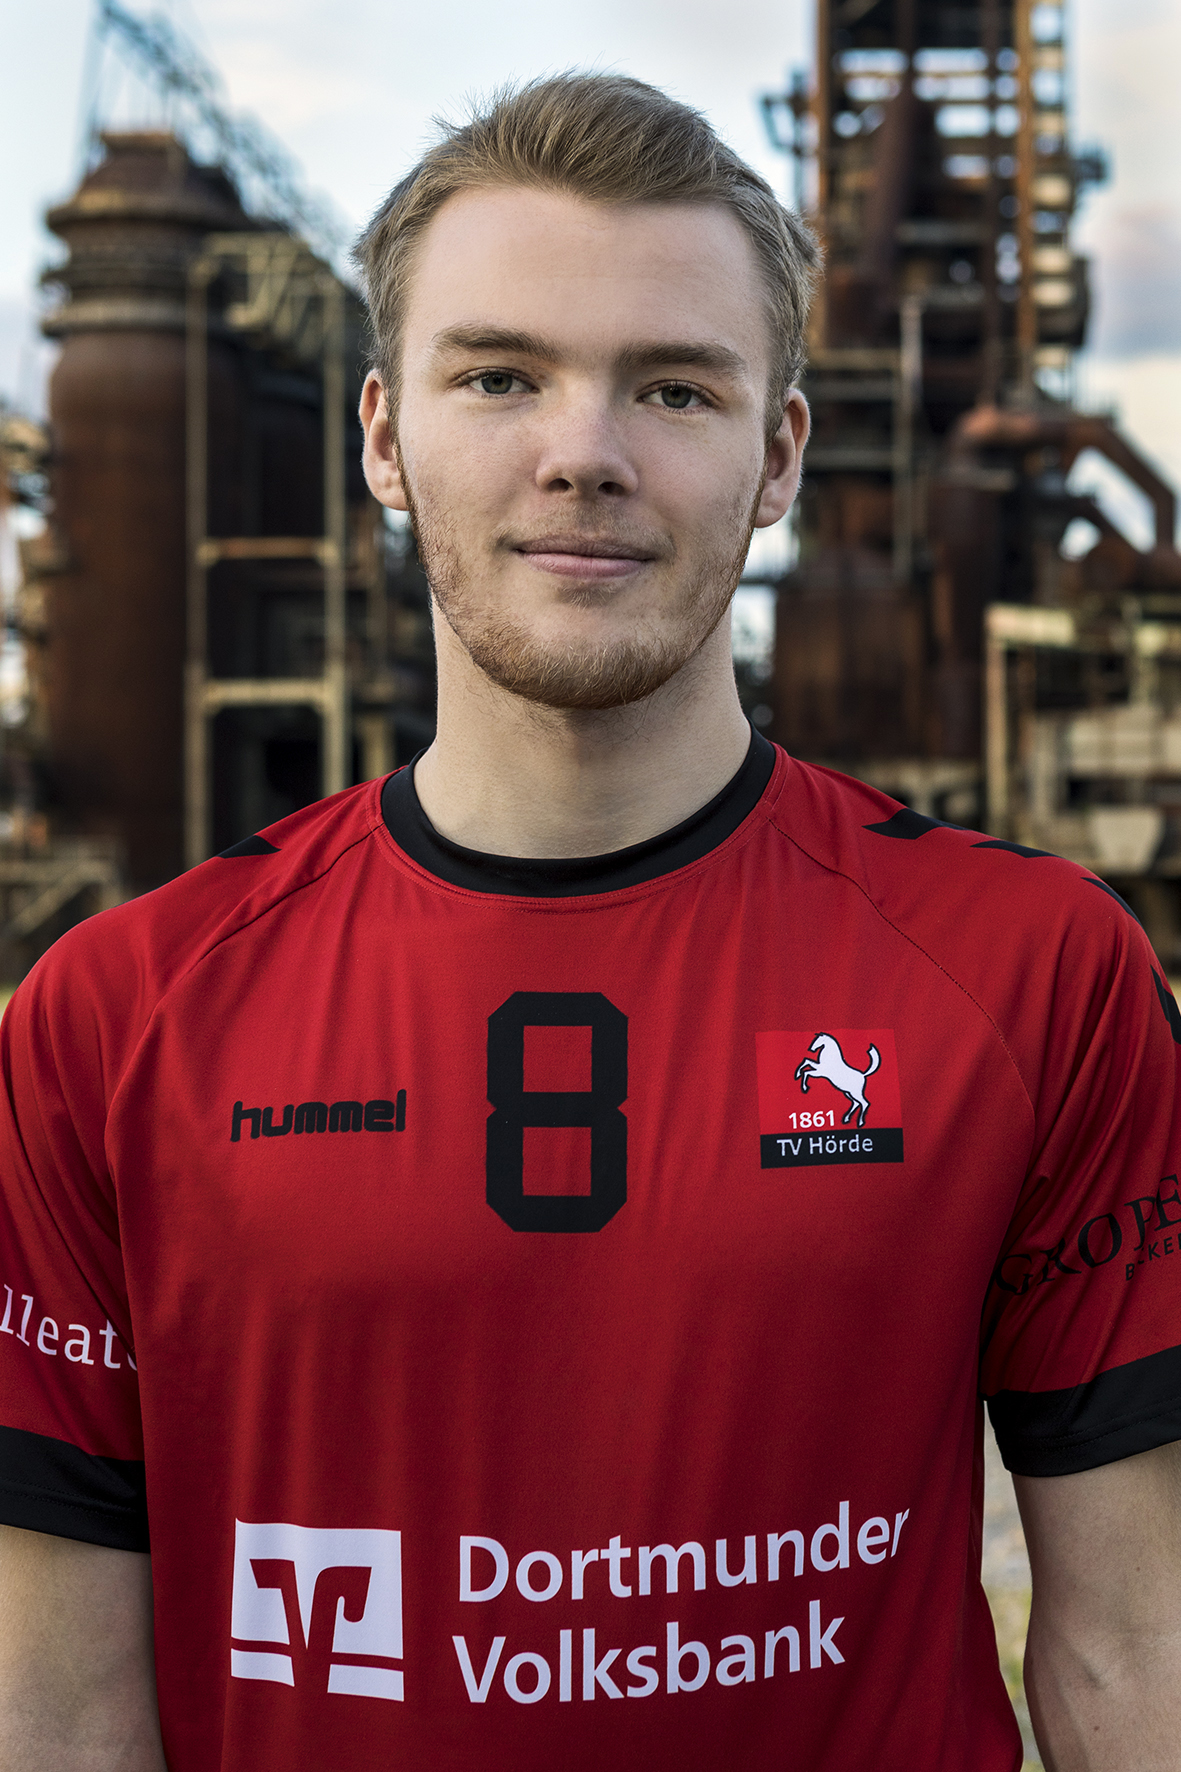 8 - Noah Voswinkel